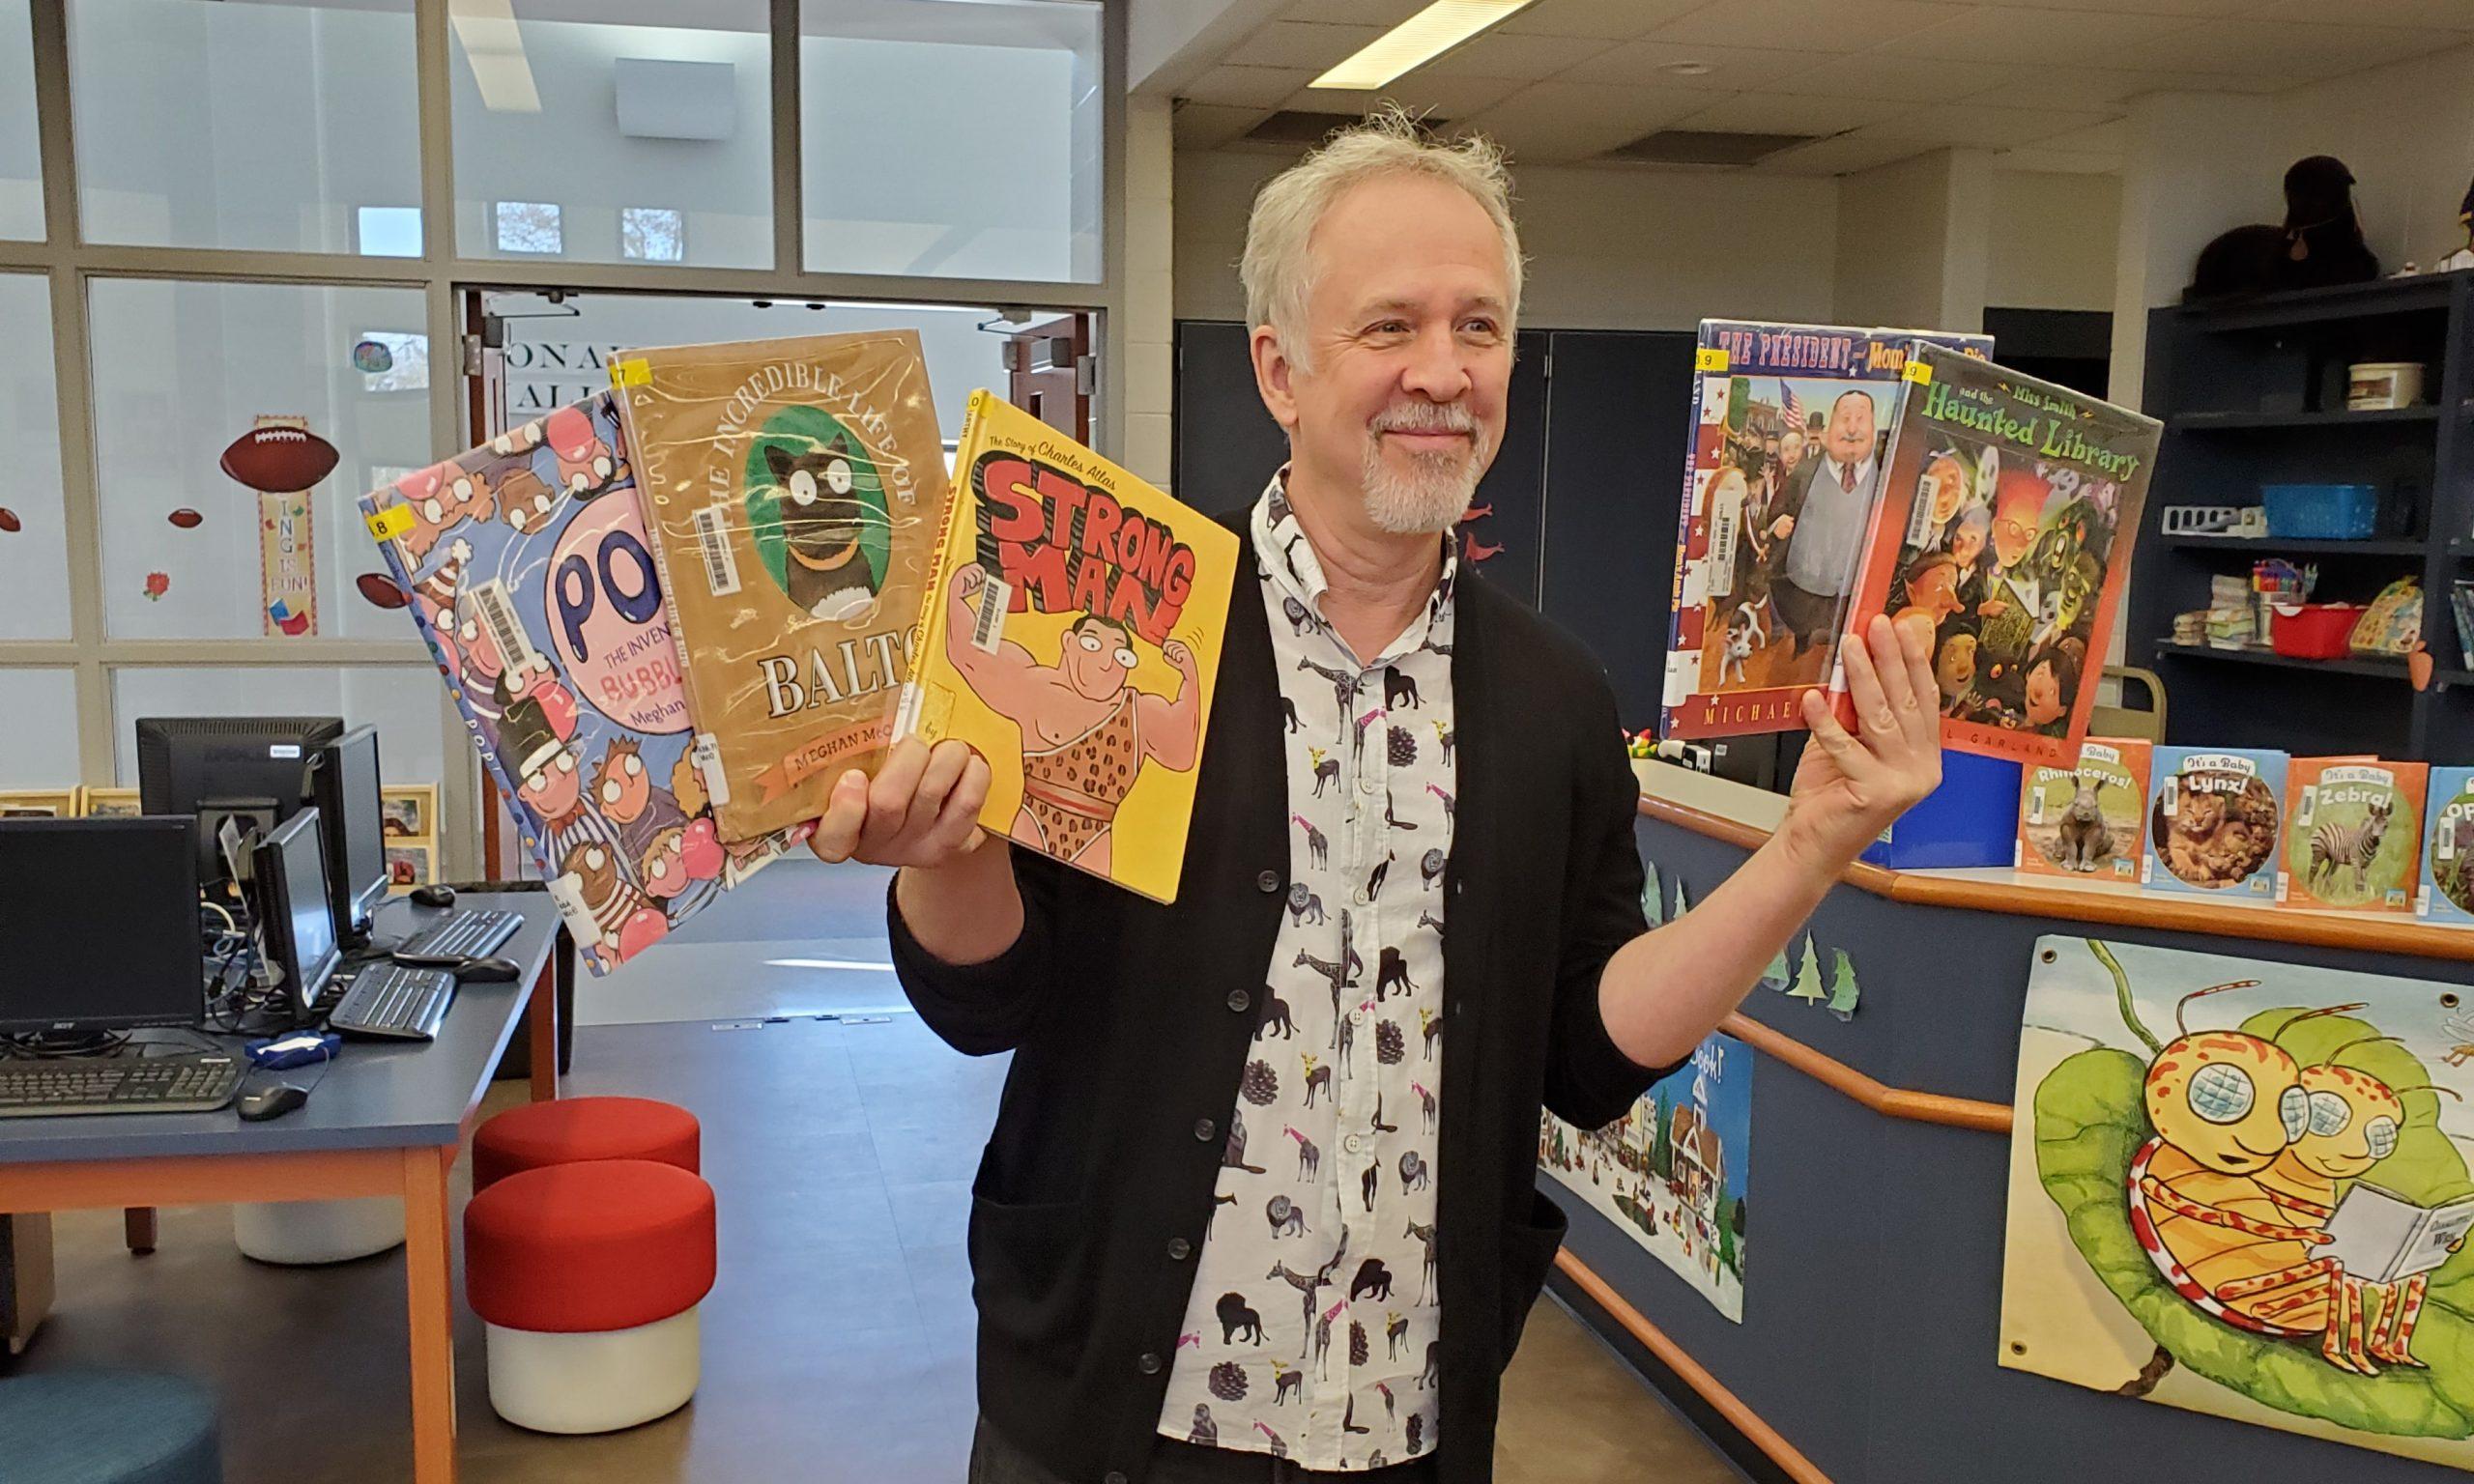 Author Daniel Kirk visit's SAIS